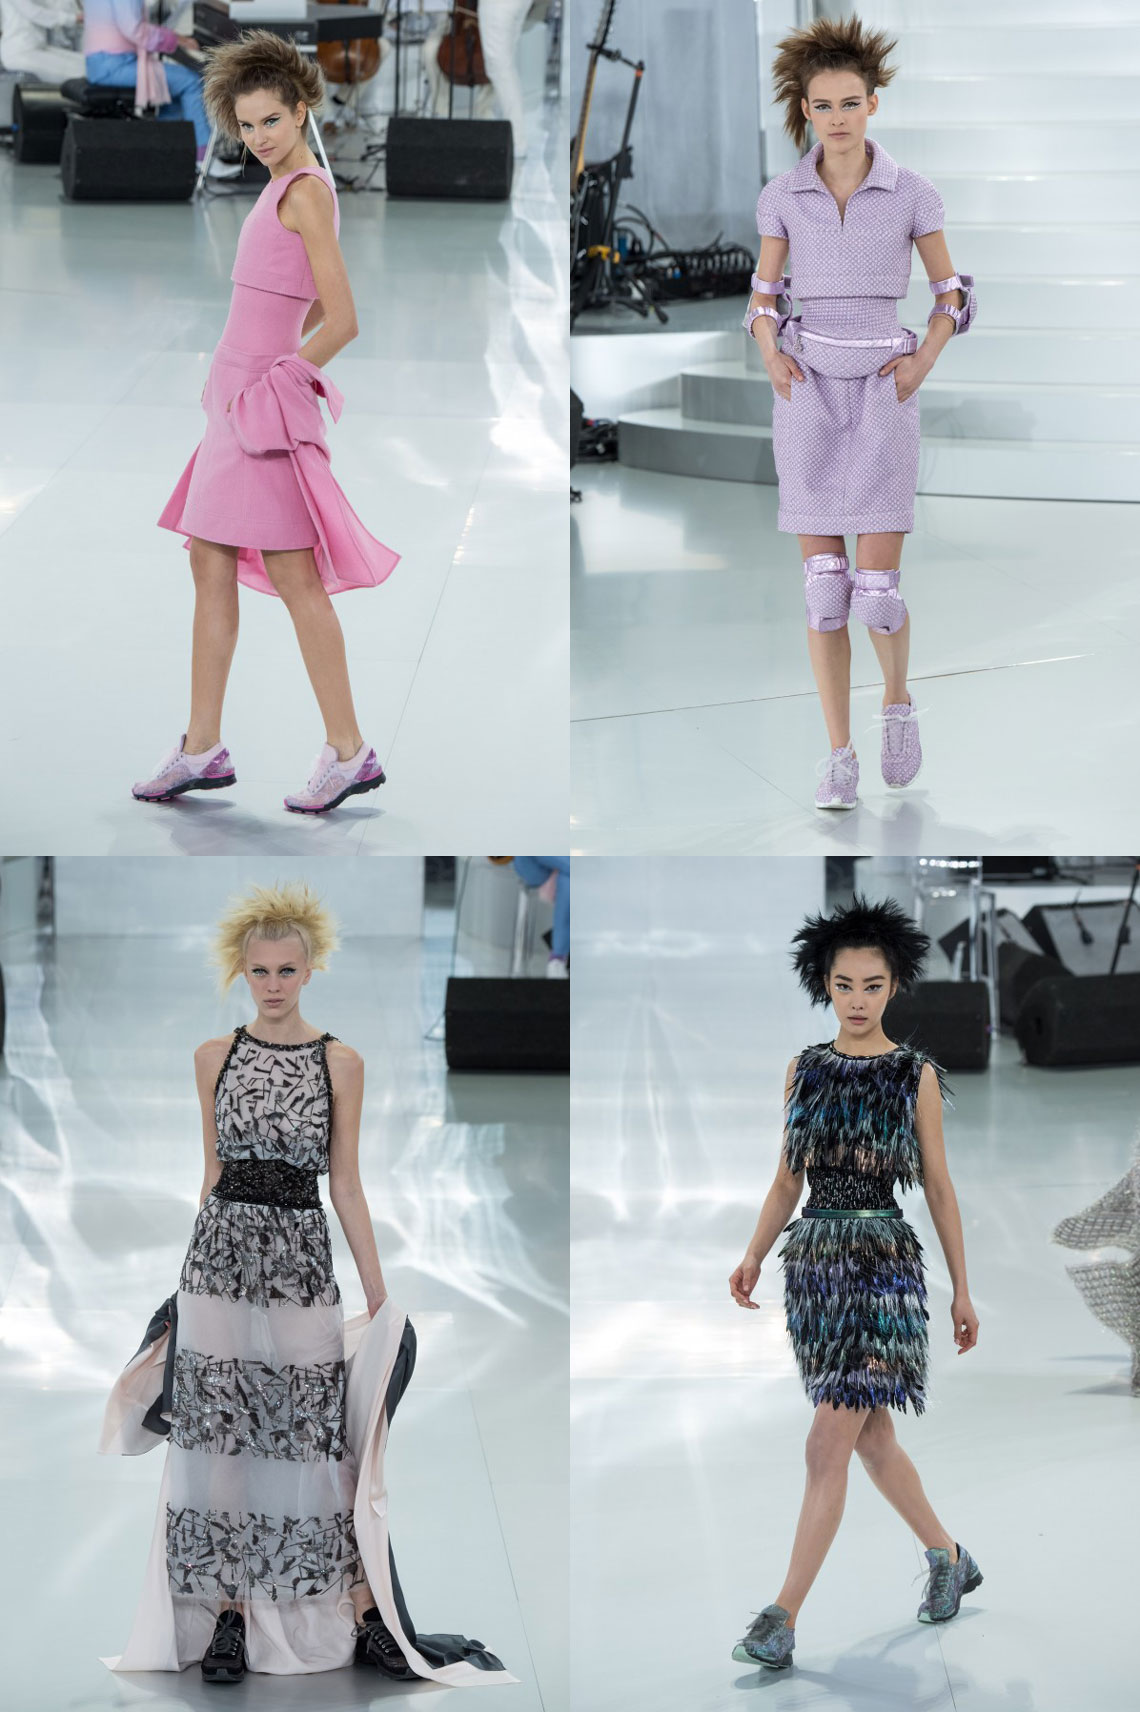 cc-spring-haute-couture